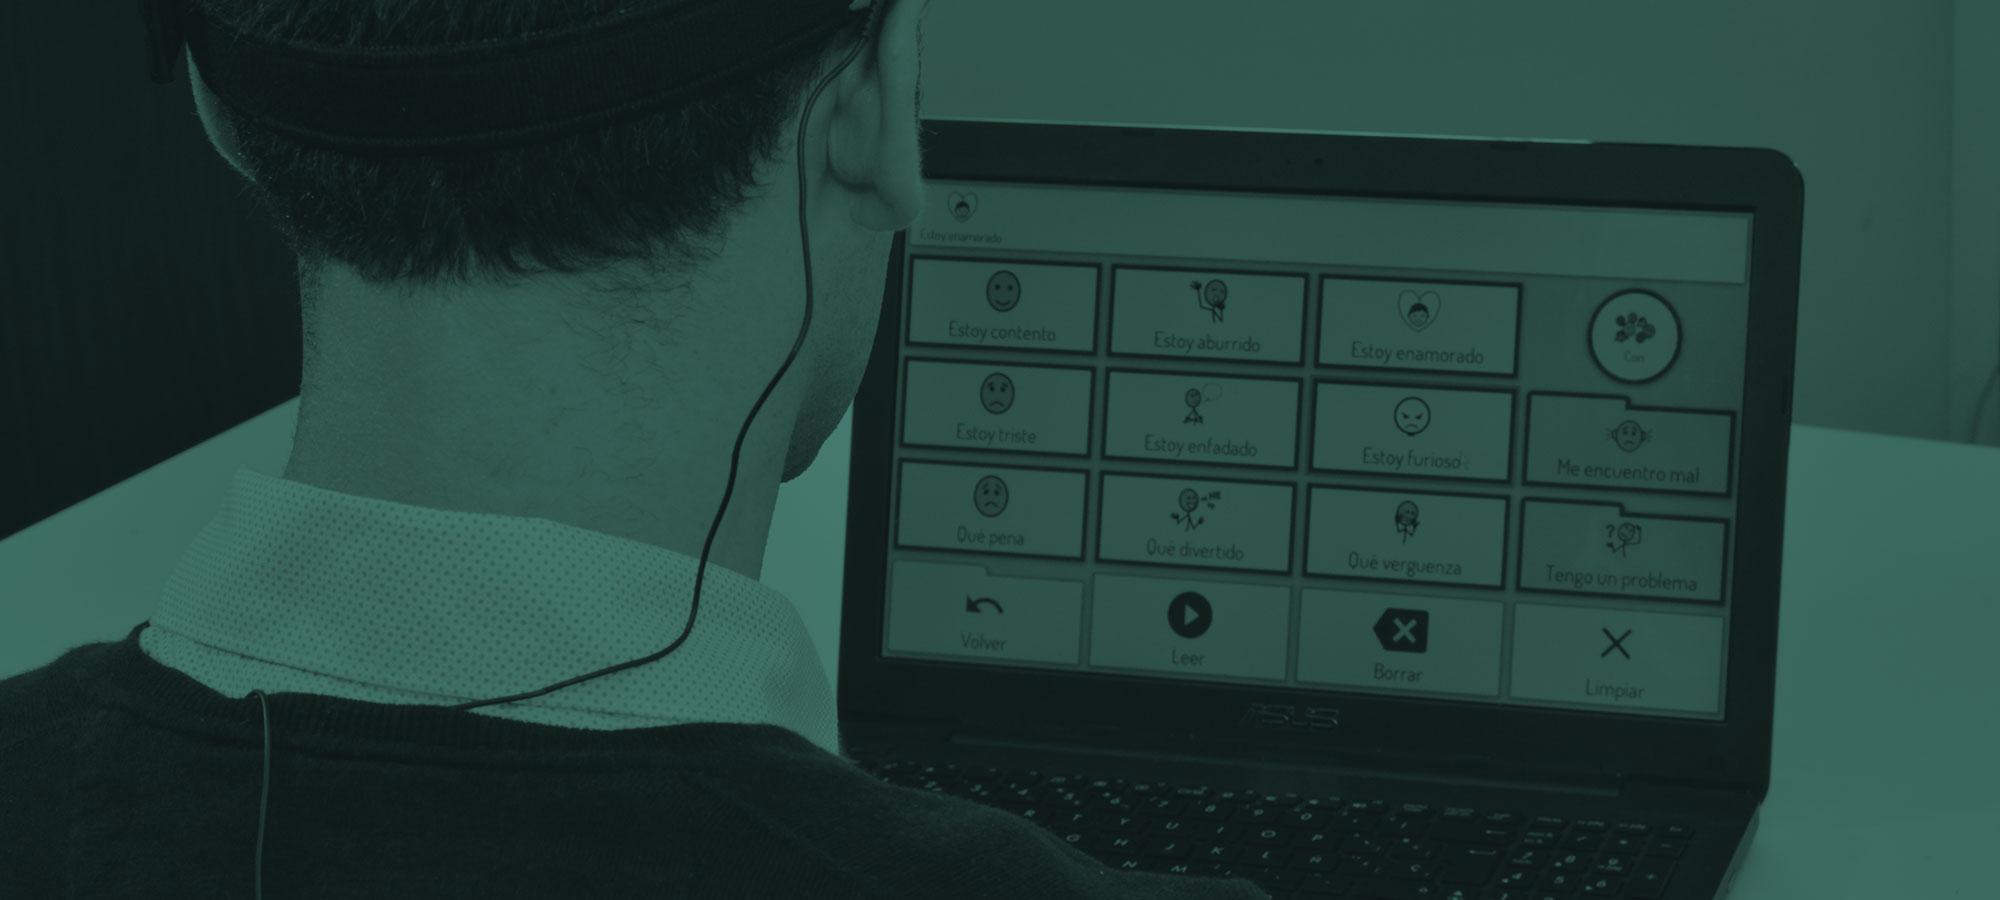 Verbo. El software que facilita la comunicación a personas con dificultades en la expresión o el lenguaje.